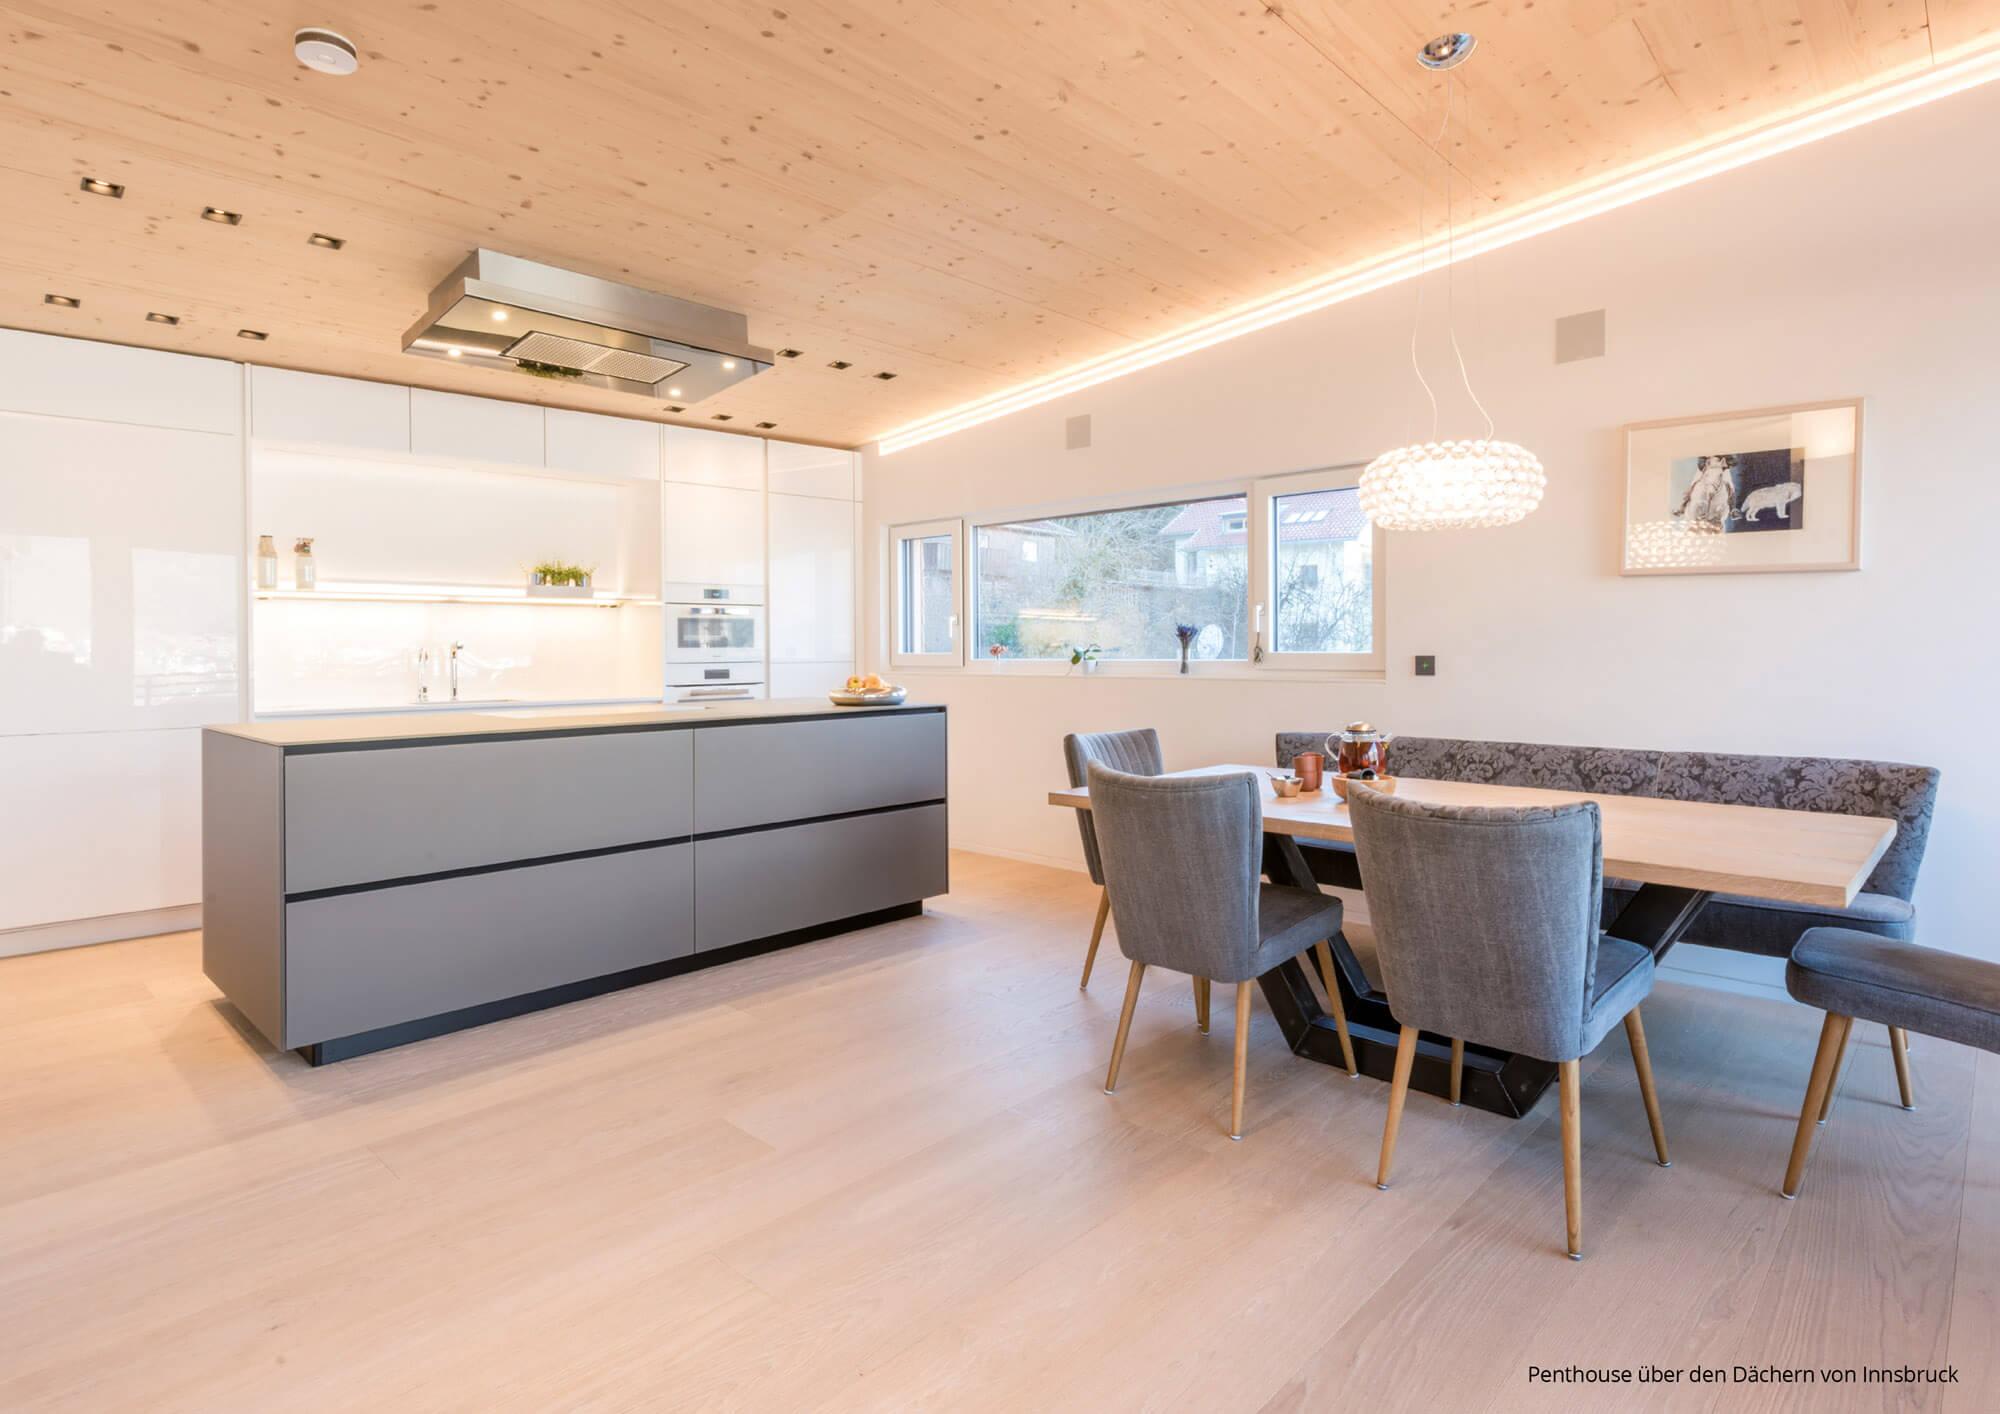 Moderne Wohnküche 6: Farblich Abgestimmter Essbereich